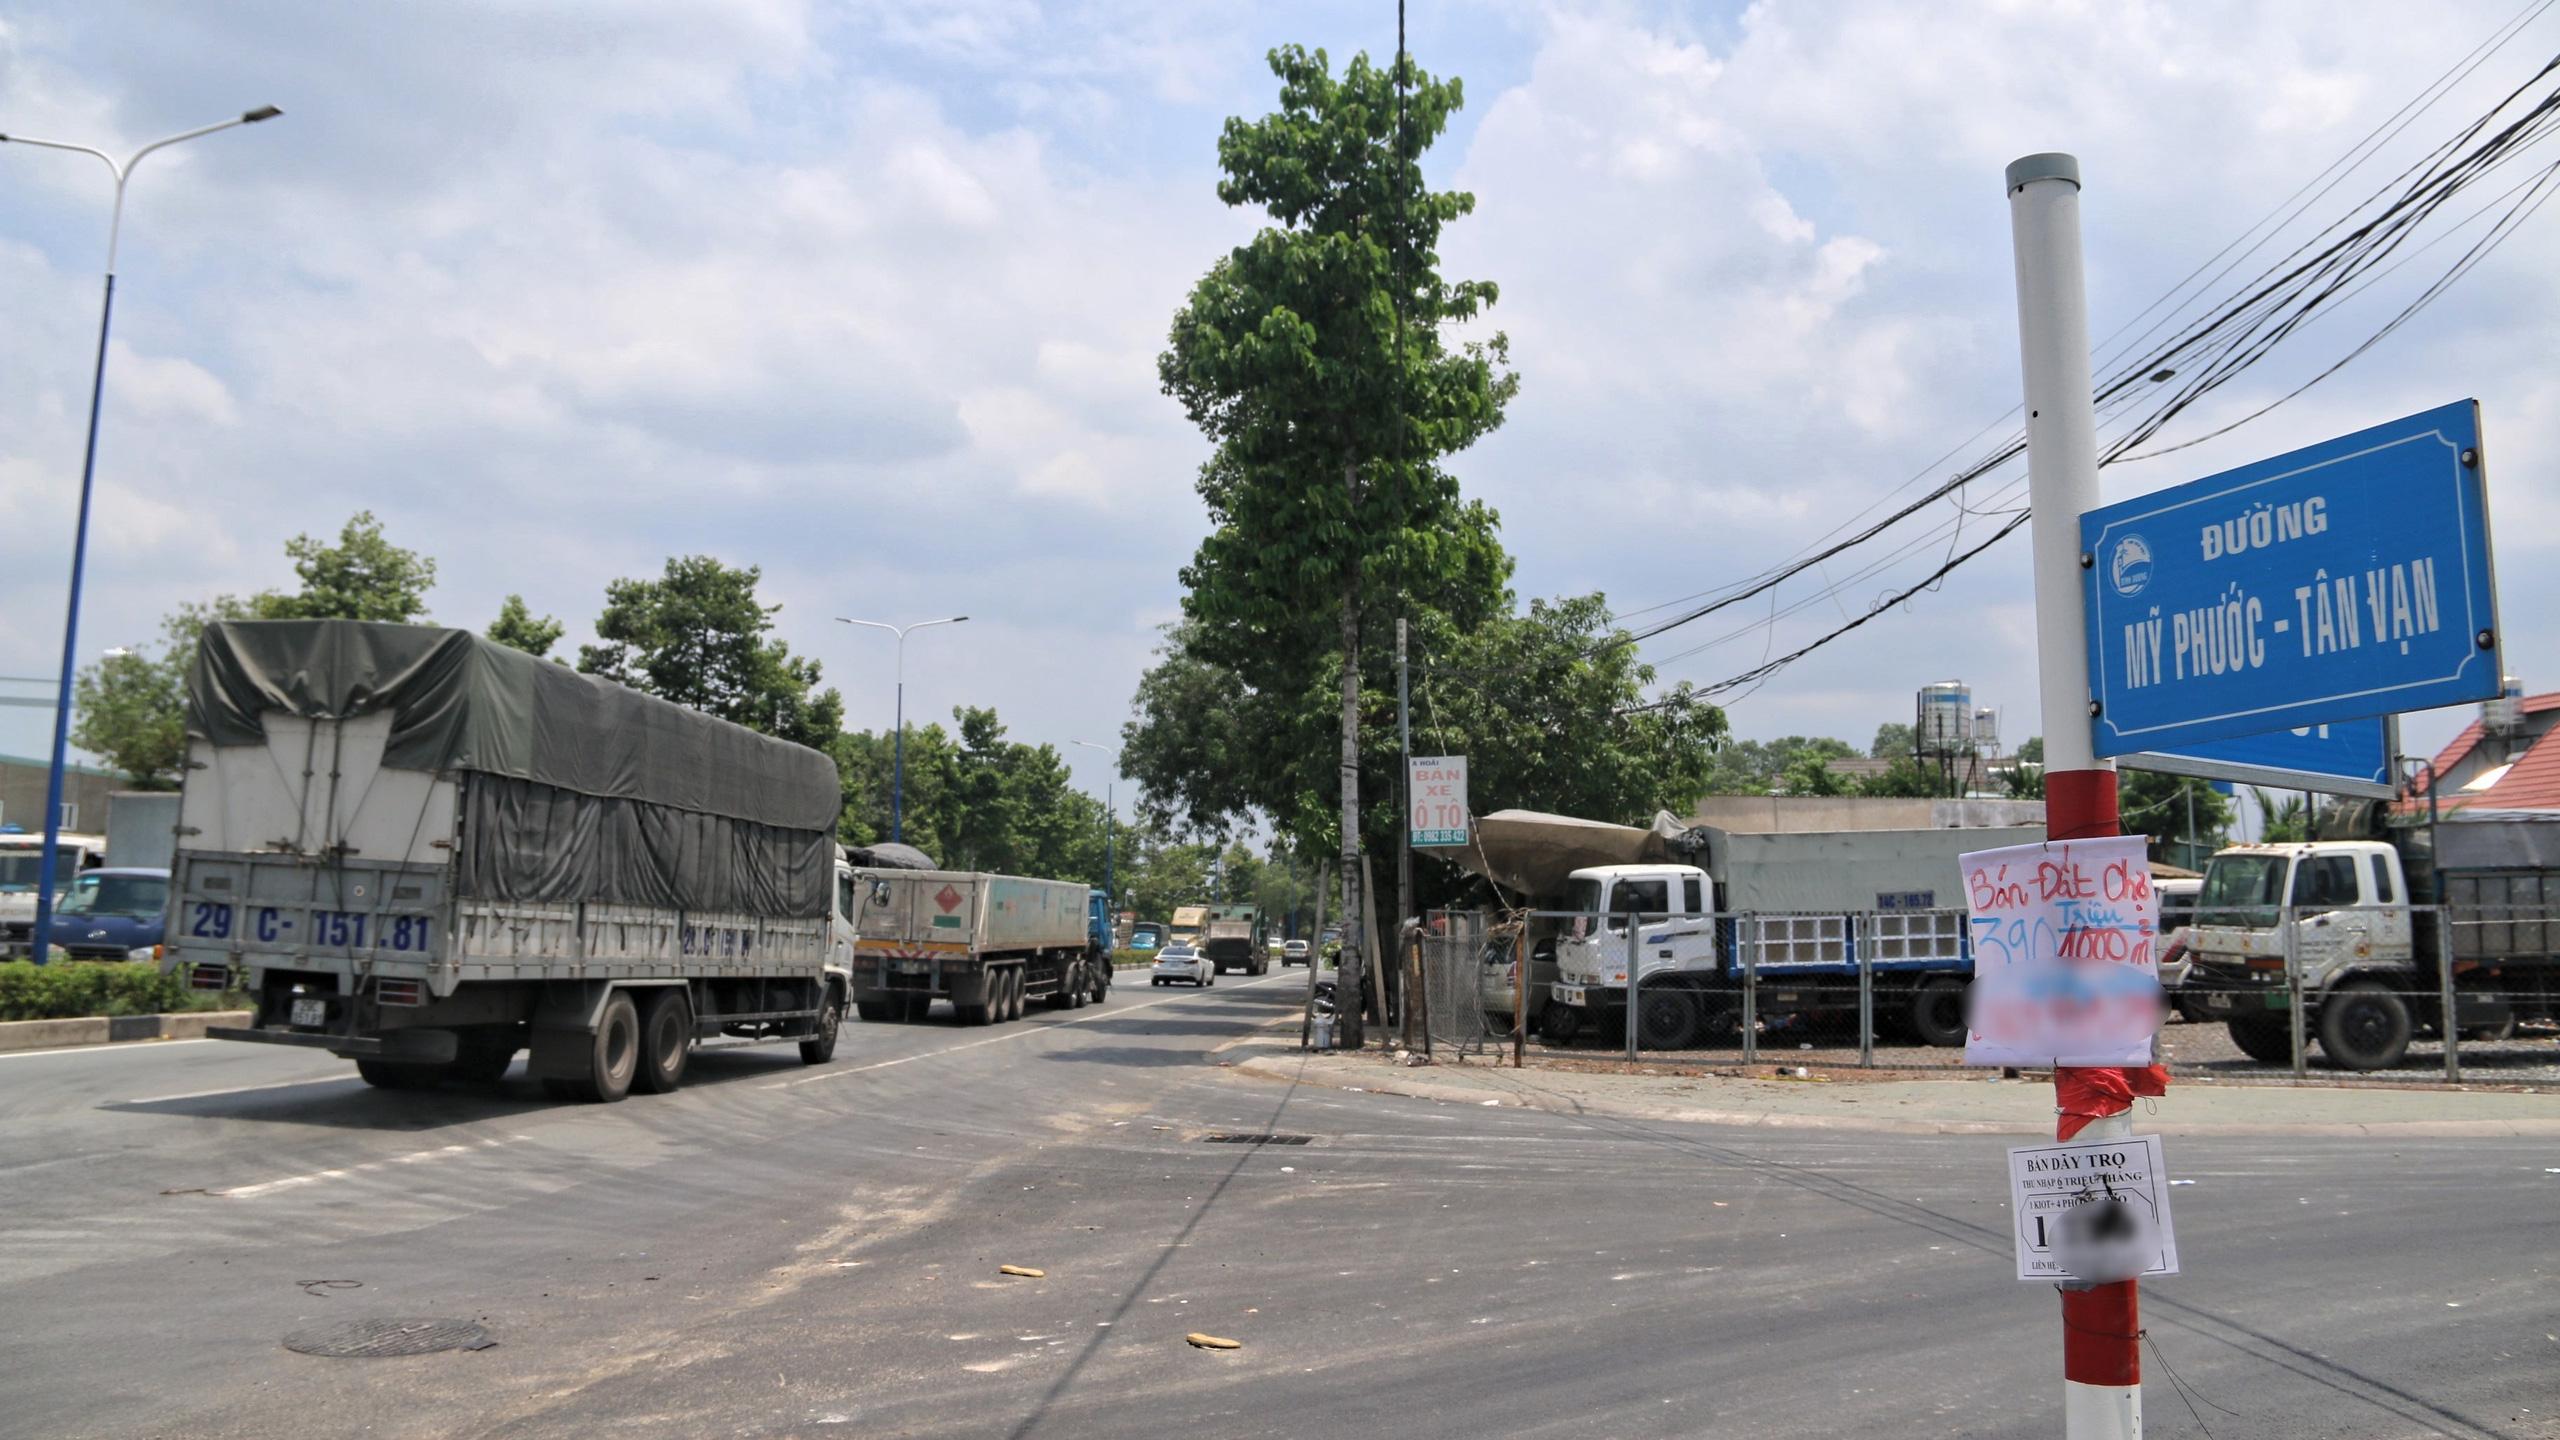 Bình Dương: Cận cảnh tuyến Mỹ Phước - Tân Vạn sắp thông toàn tuyến - Ảnh 1.